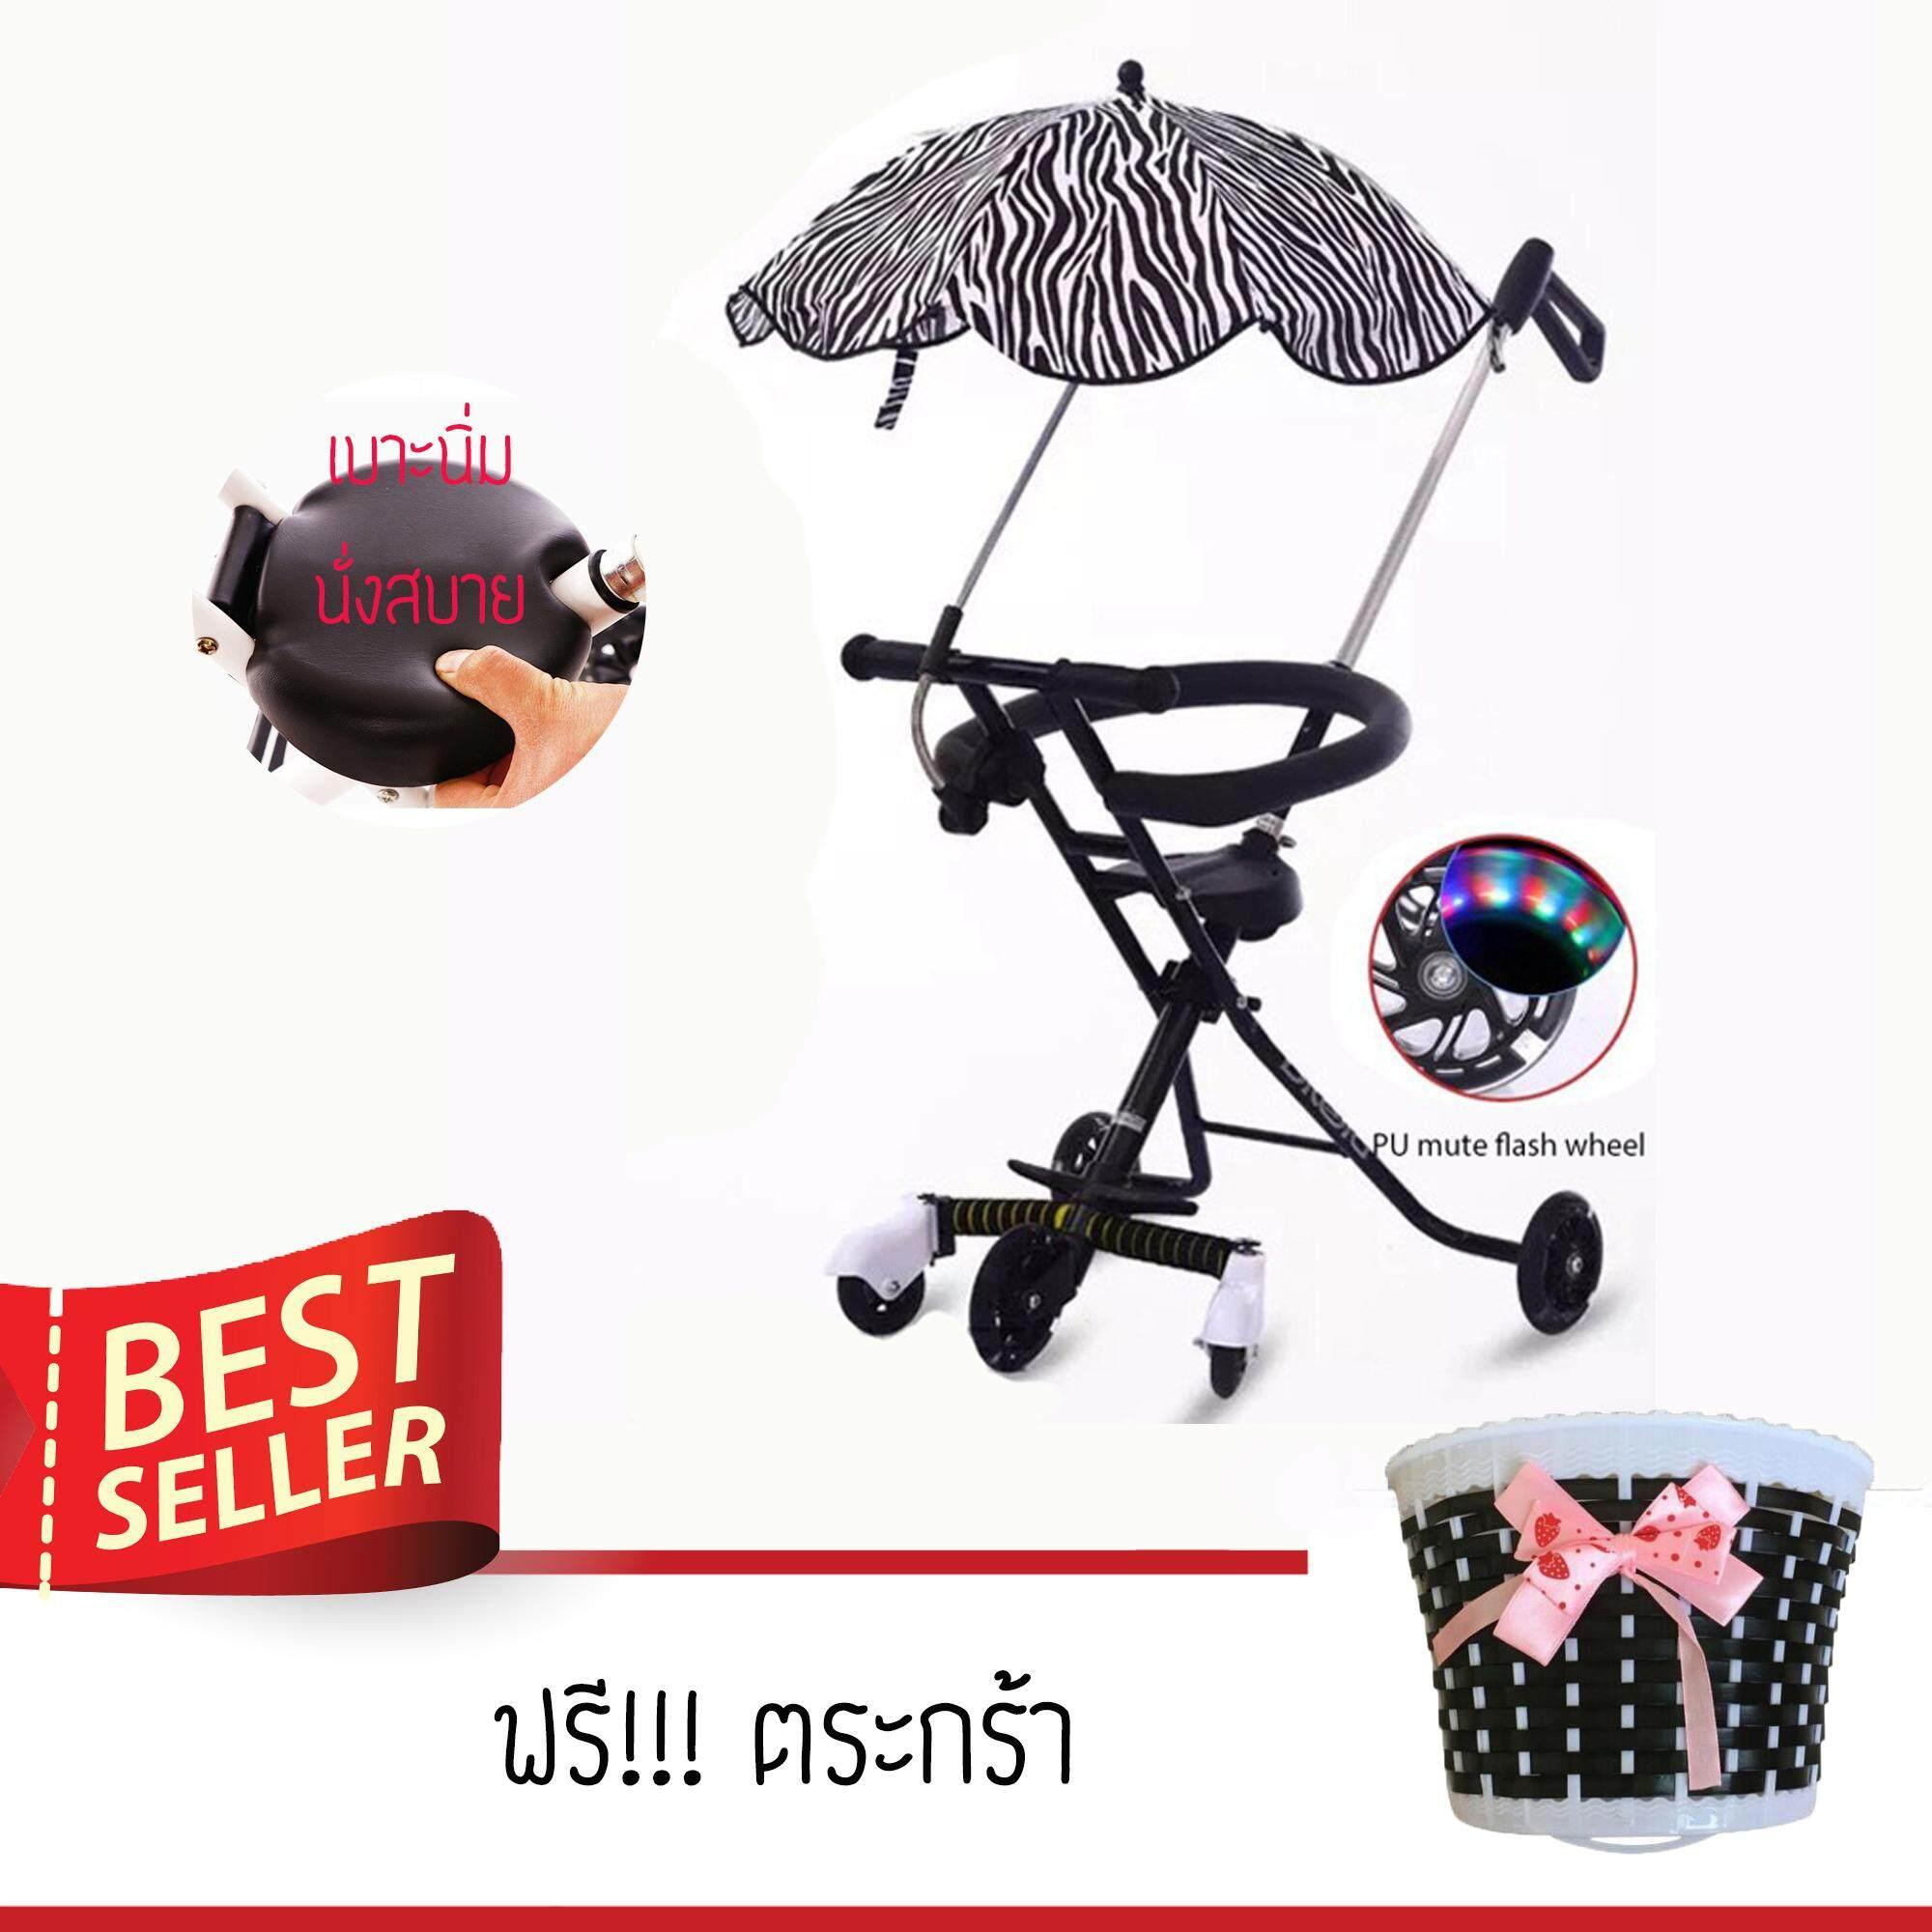 ข้อมูล FIN BABIESPLUS รถเข็นเด็กแบบนอน FIN BABIESPLUS รถเข็นเด็กแบบพกพา Travelling Stroller ปรับนอนได้ พับเก็บมีล้อลาก รุ่น CAR-Y1 ขายถูกๆ ส่งฟรี